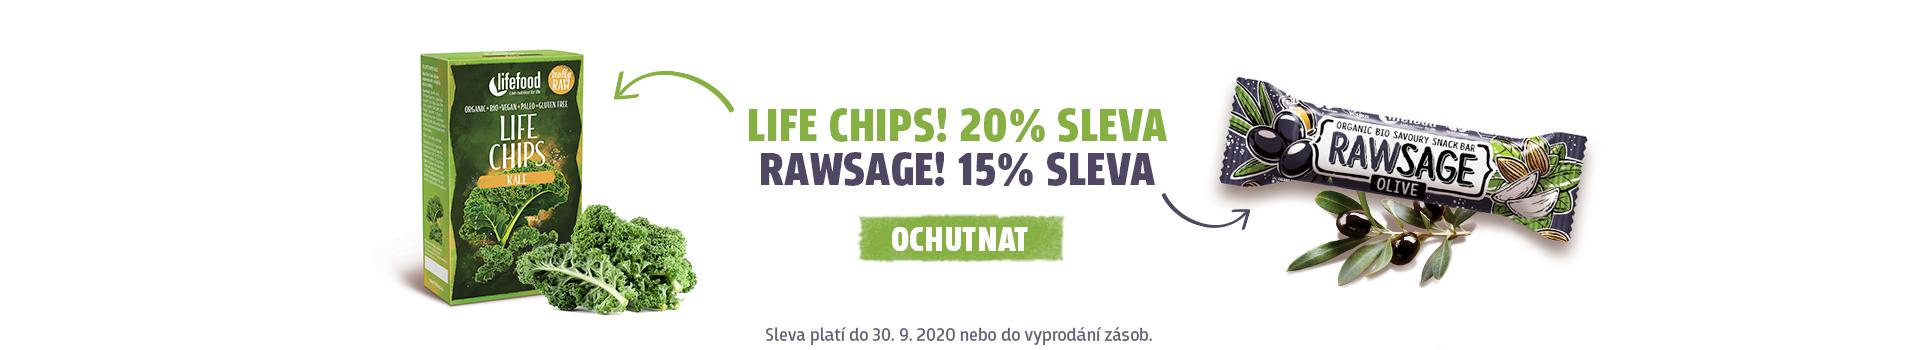 Akce září slaný snack a chips